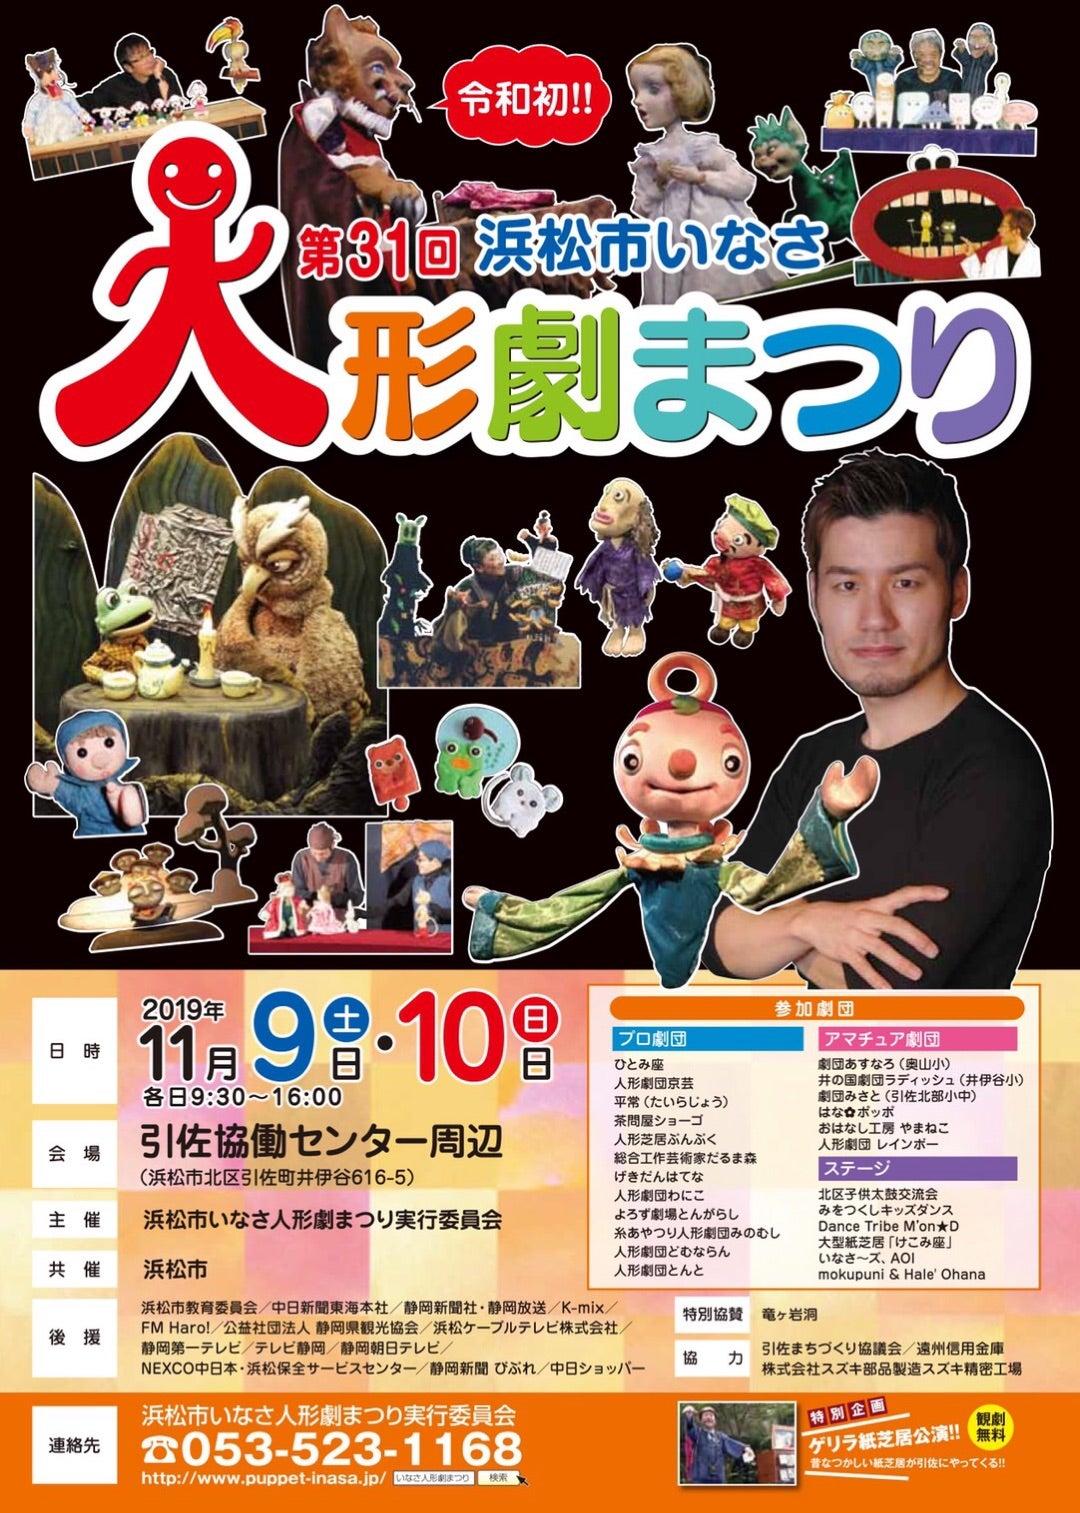 今週末!「青い鳥」上演!浜松市いなさ人形劇まつり!